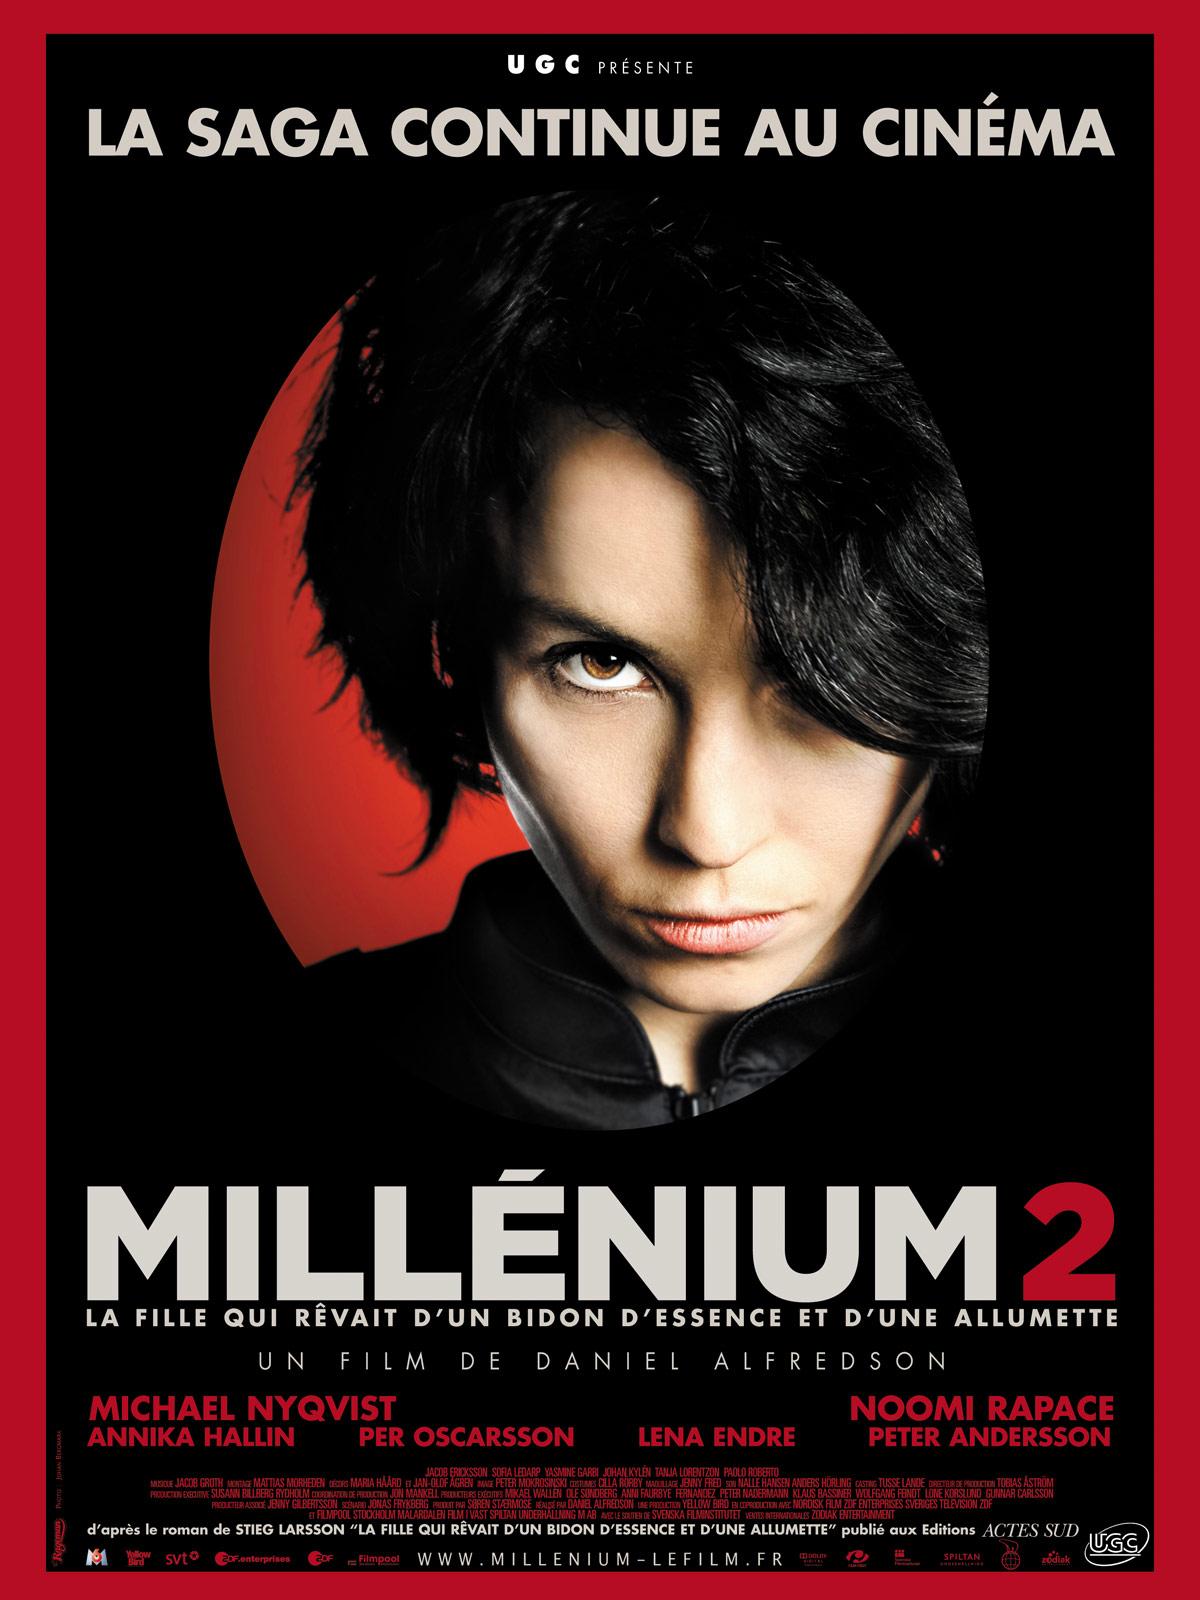 Millénium 2 - La Fille qui rêvait d'un bidon d'essence et d'une allumette streaming